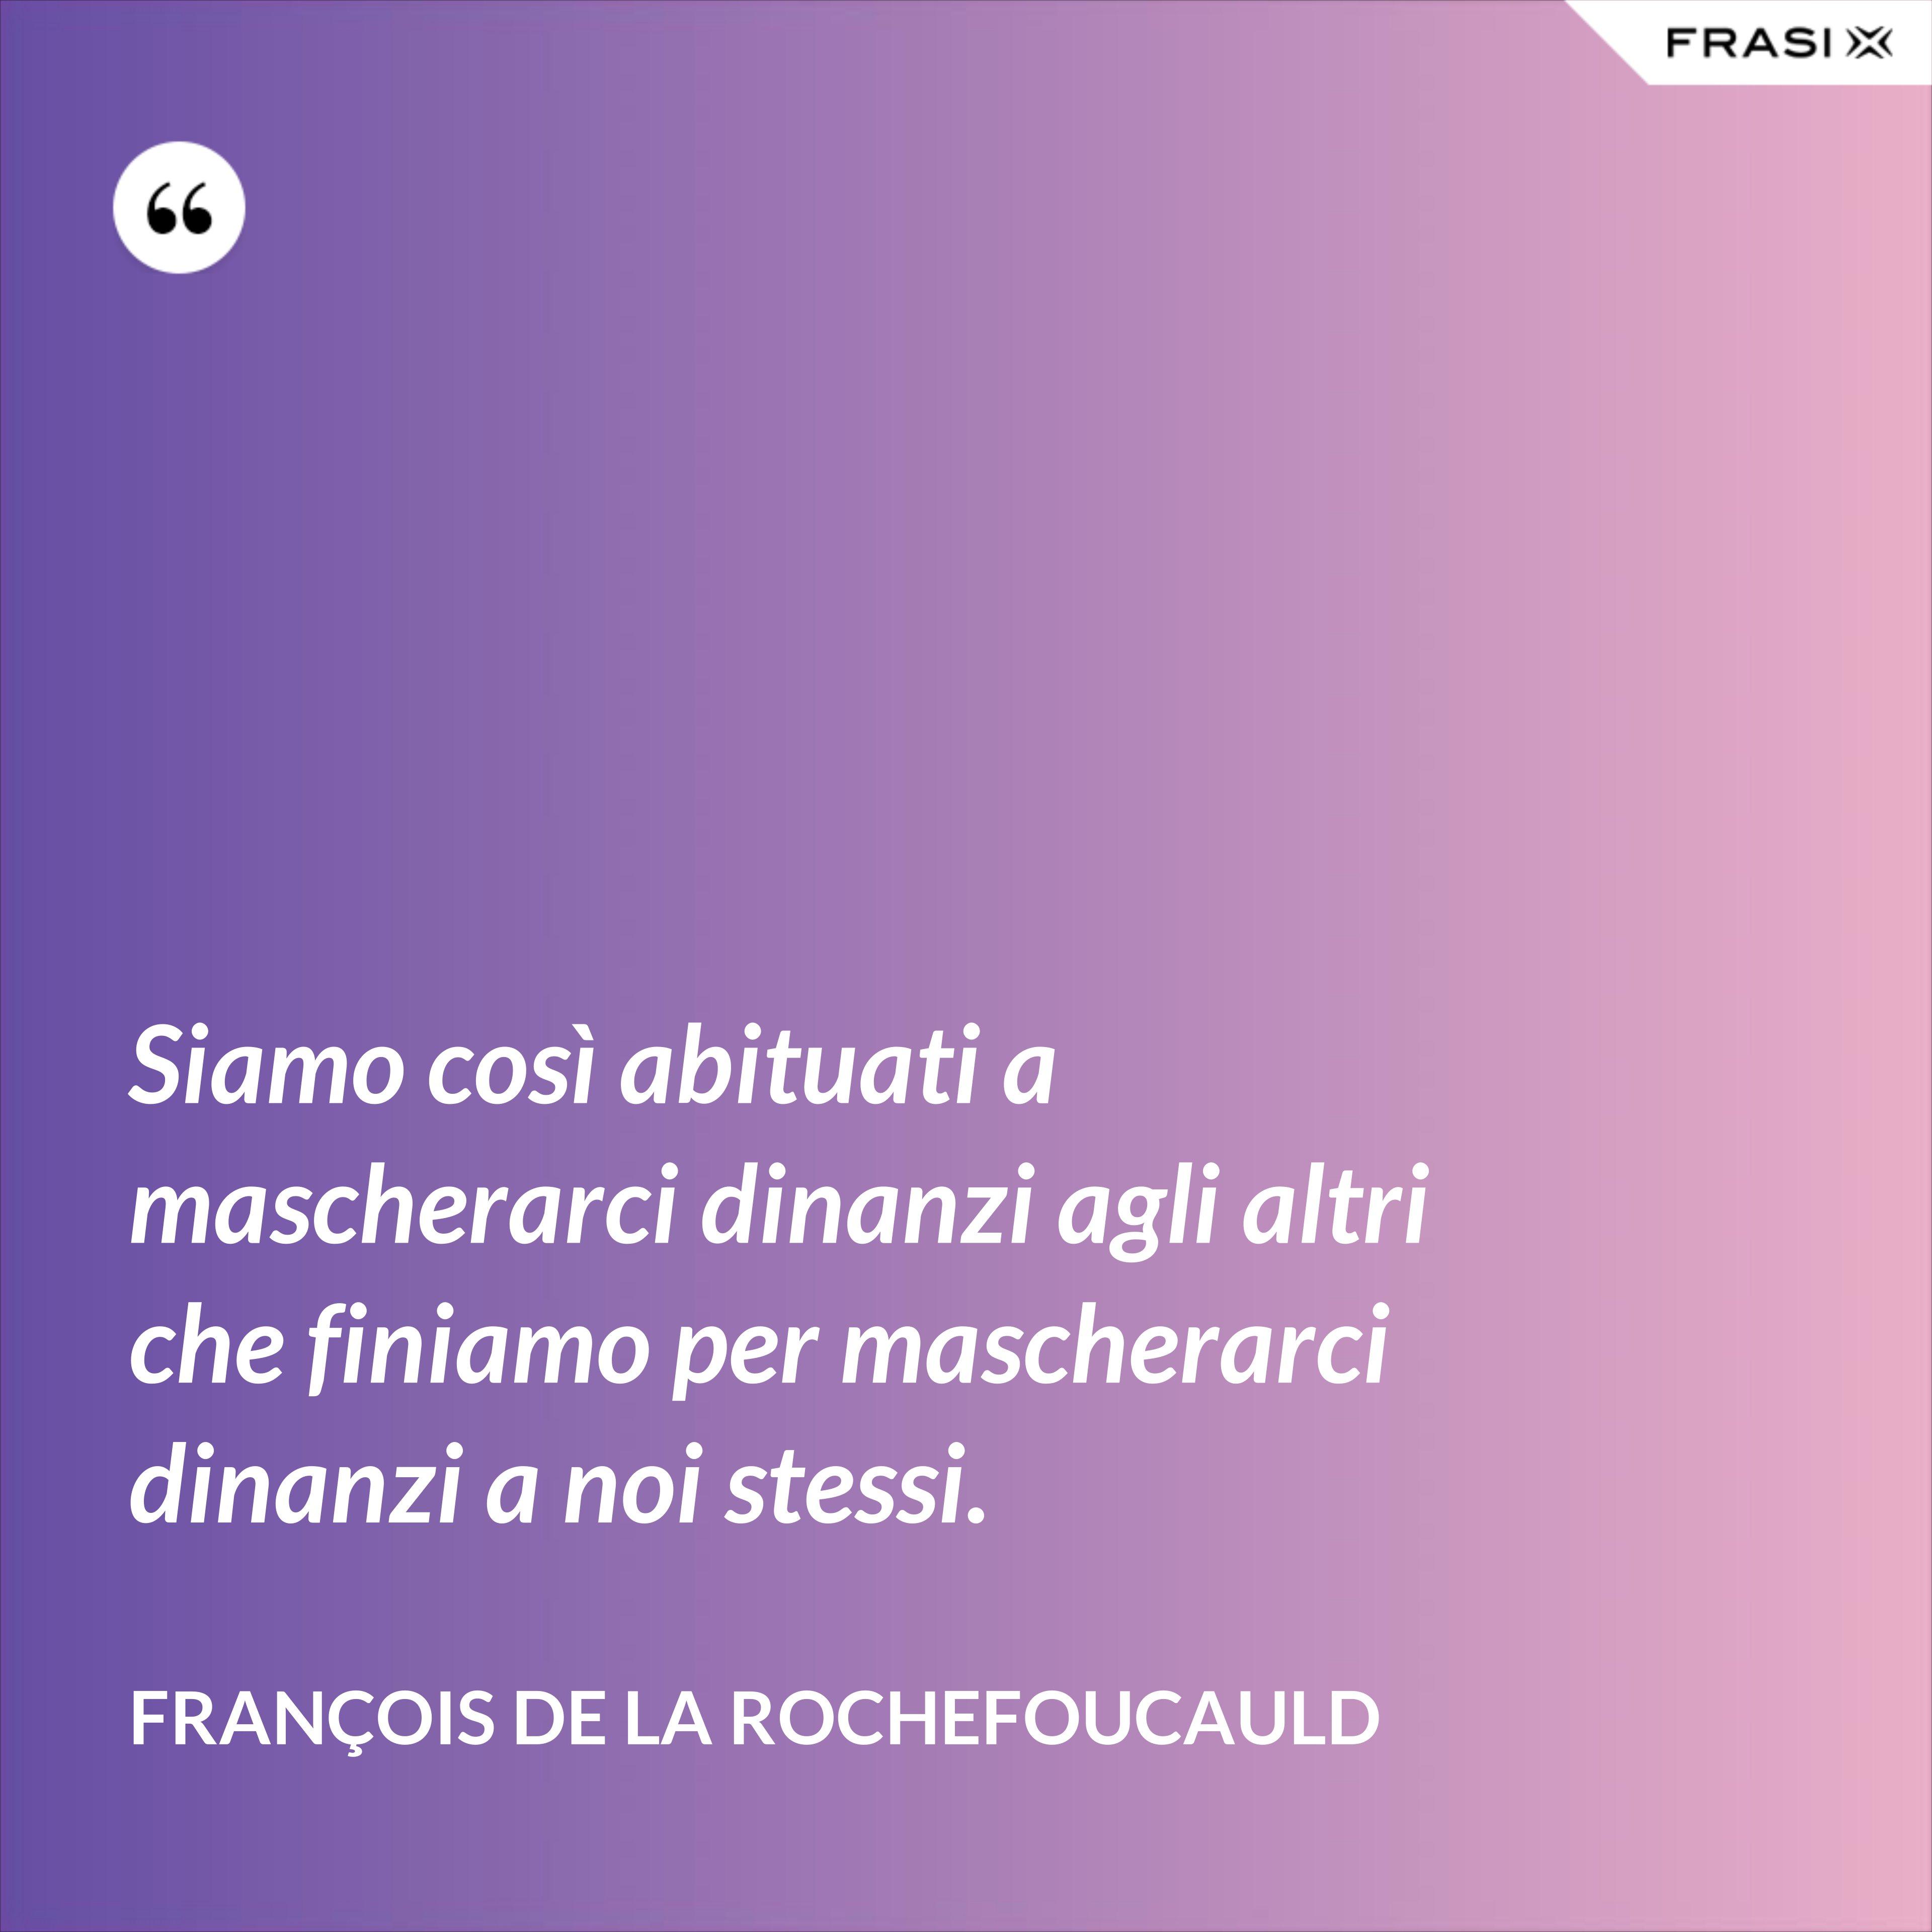 Siamo così abituati a mascherarci dinanzi agli altri che finiamo per mascherarci dinanzi a noi stessi. - François de La Rochefoucauld